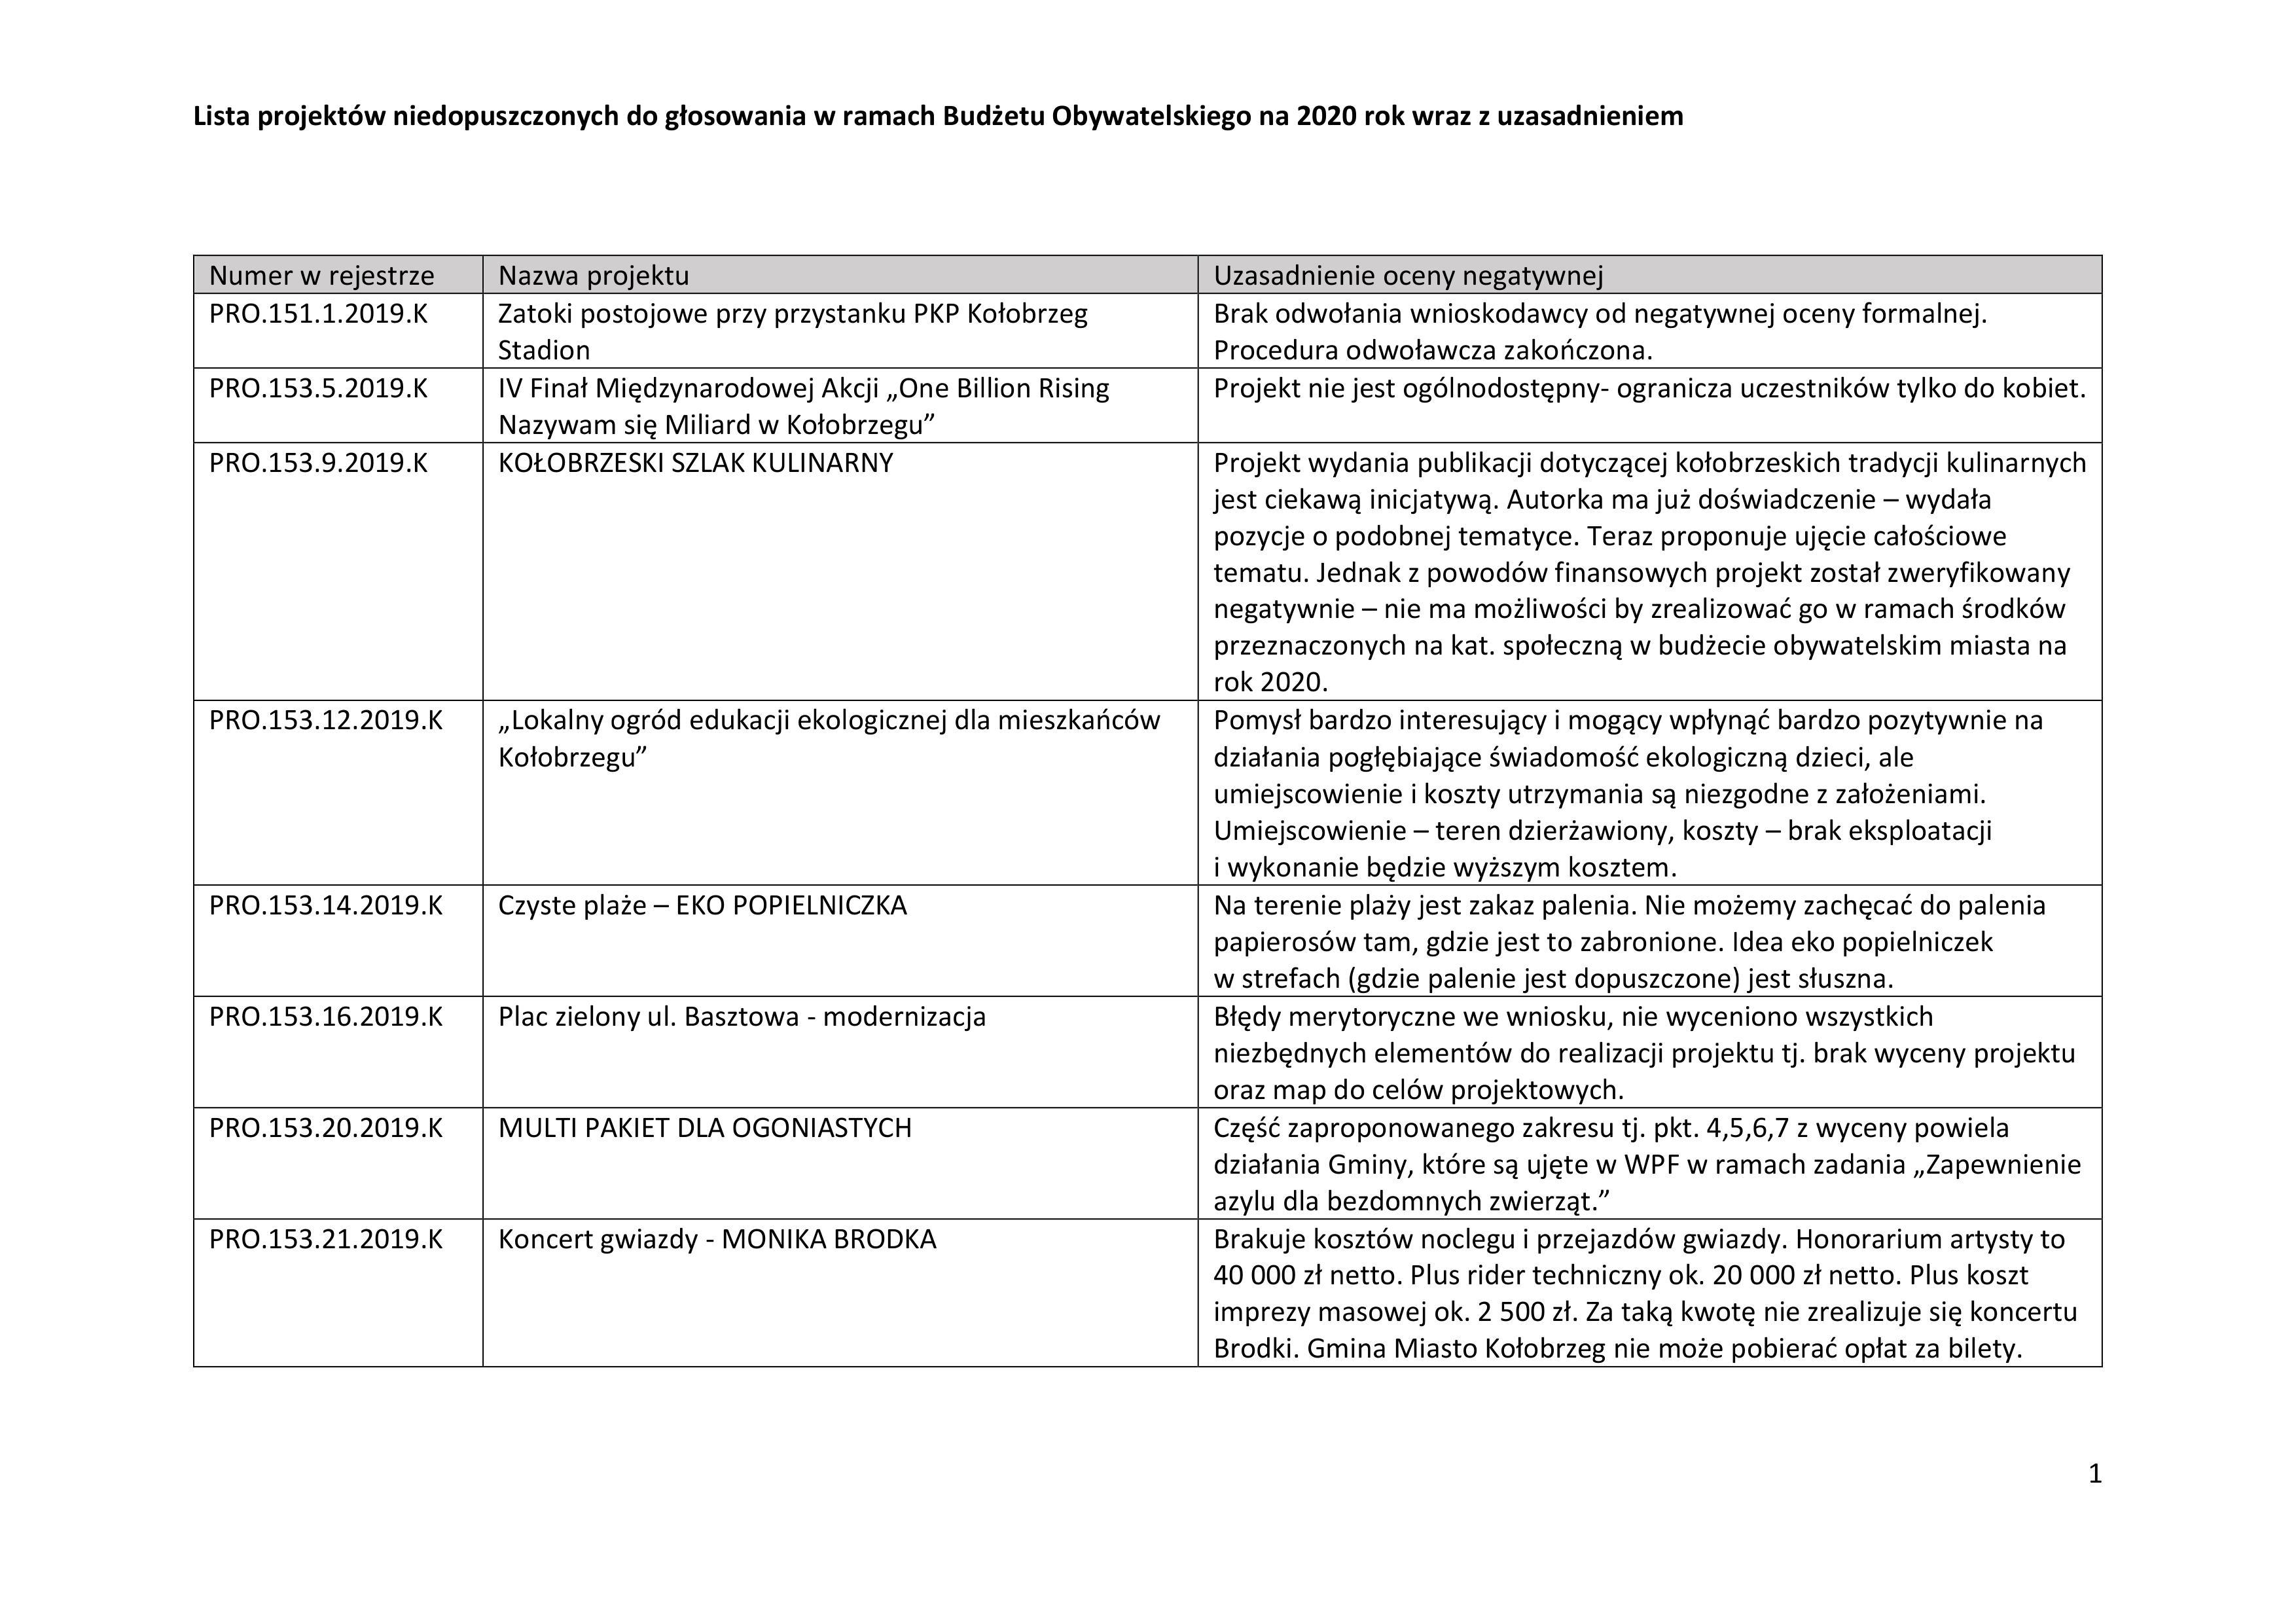 niedop3 - Jakie projekty wpłynęły do Budżetu Obywatelskiego? Jest m.in. Jadłodzielnia i interaktywny plac zabaw przy Frankowskiego (lista)